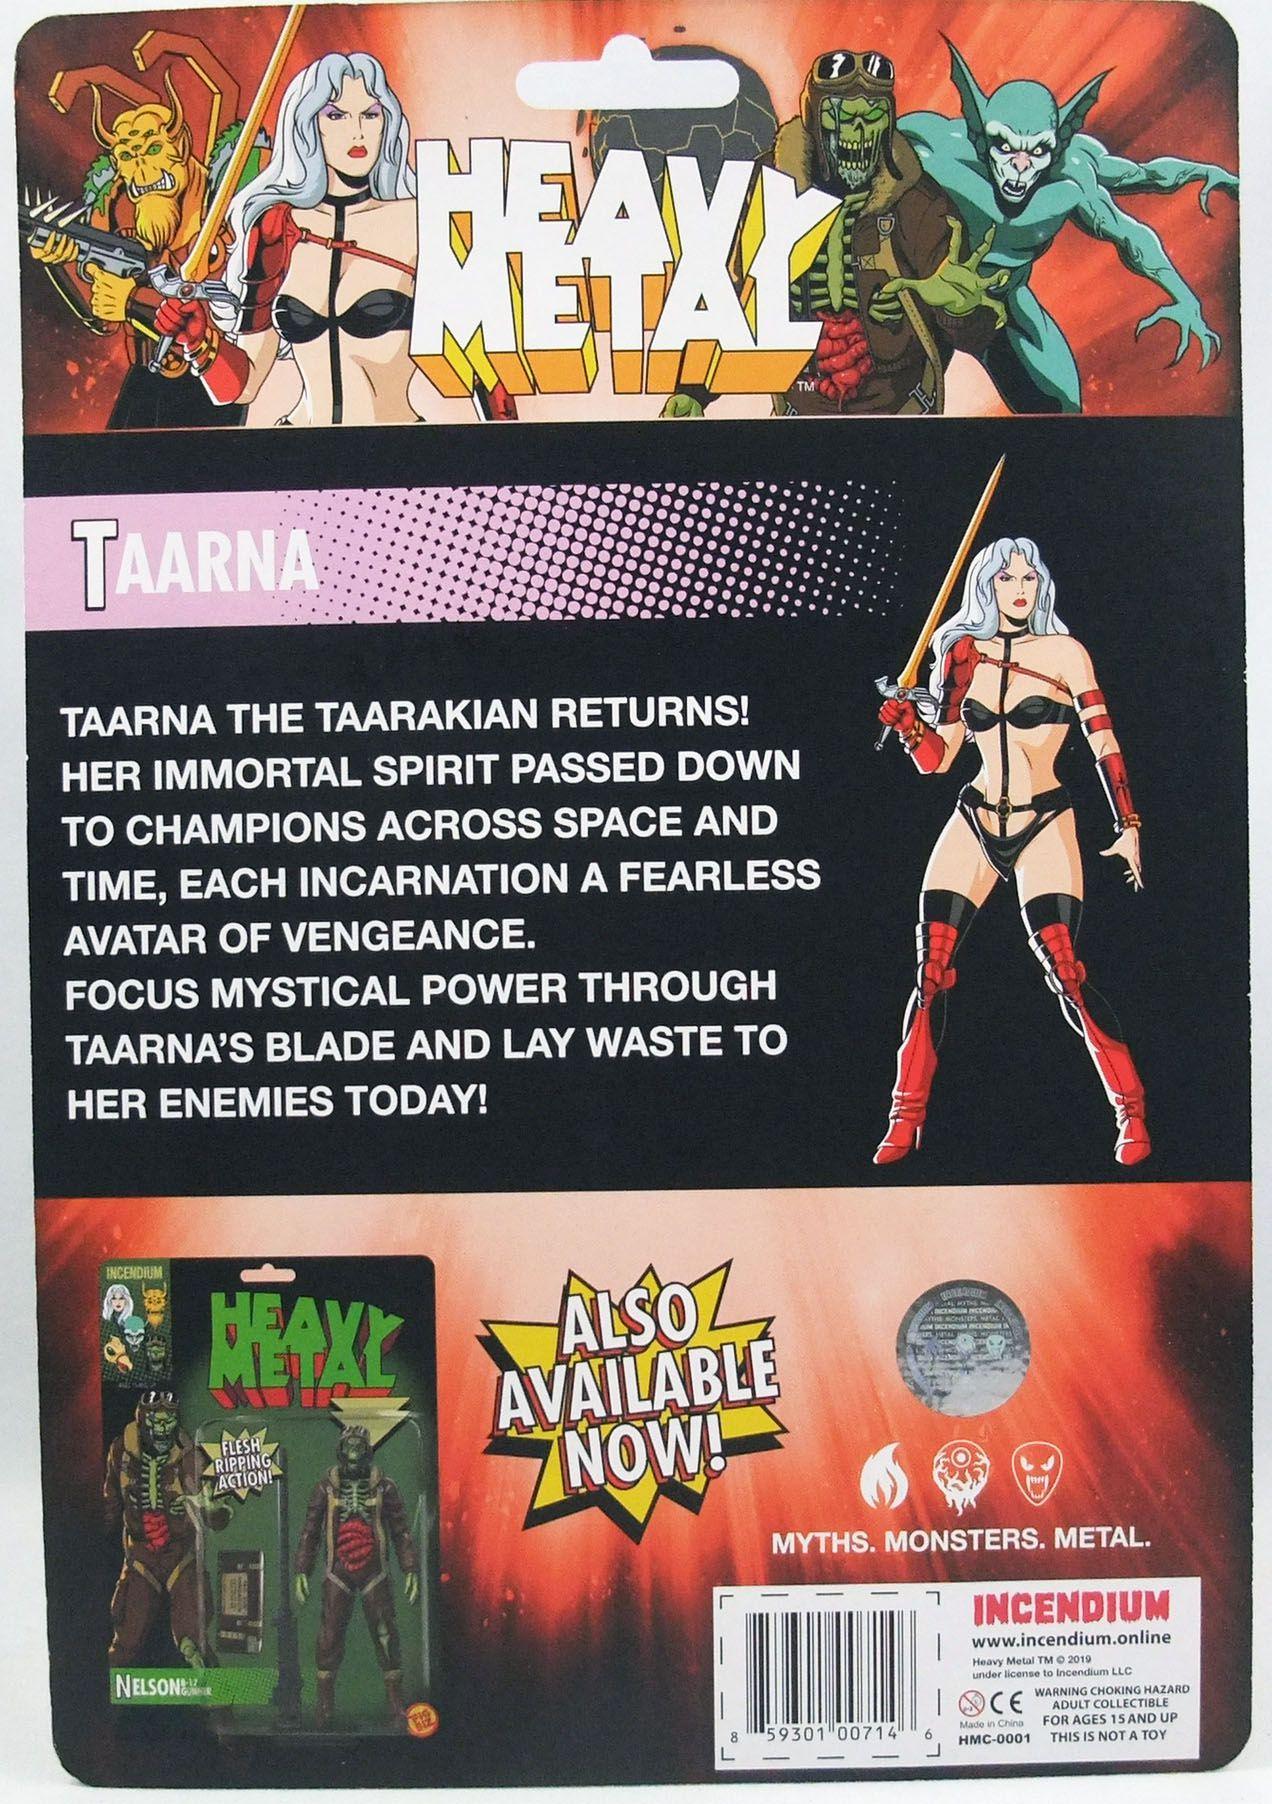 Heavy Metal - Taarna The Taarakian - 5 U0026quot  Action-figure